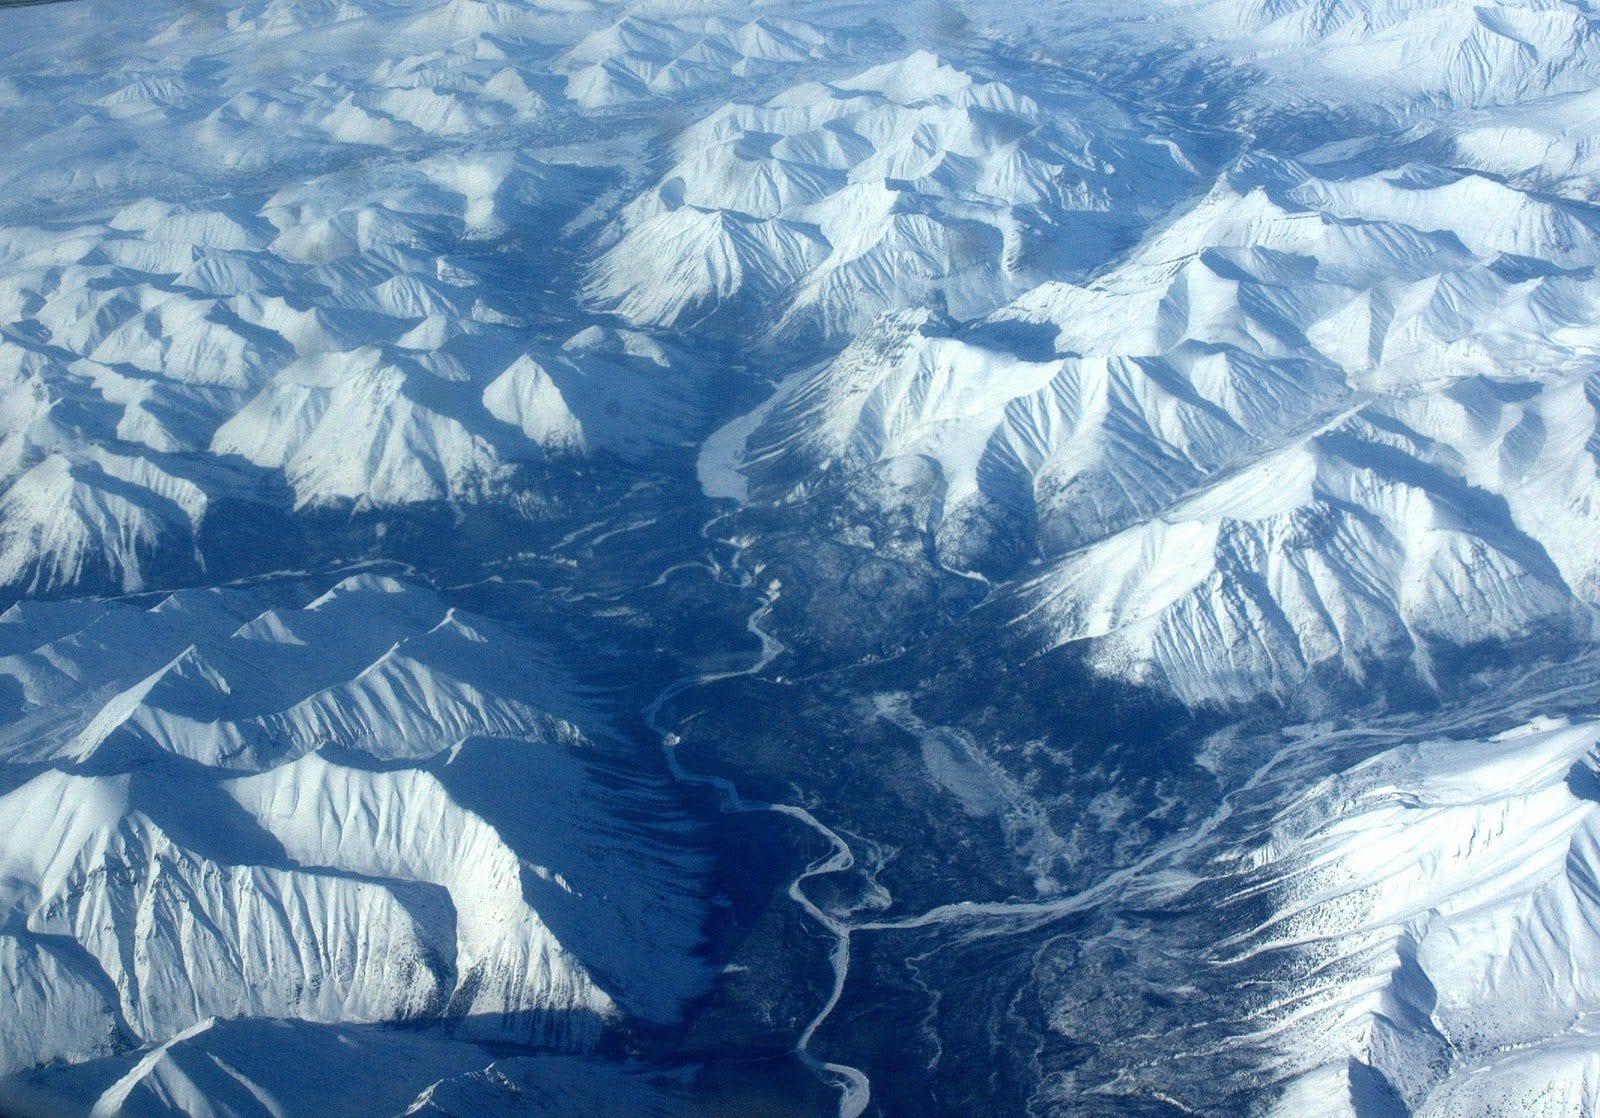 thành phố nào lạnh nhất canada, thành phố mệnh danh lạnh nhất canada, thành phố lạnh nhất canada